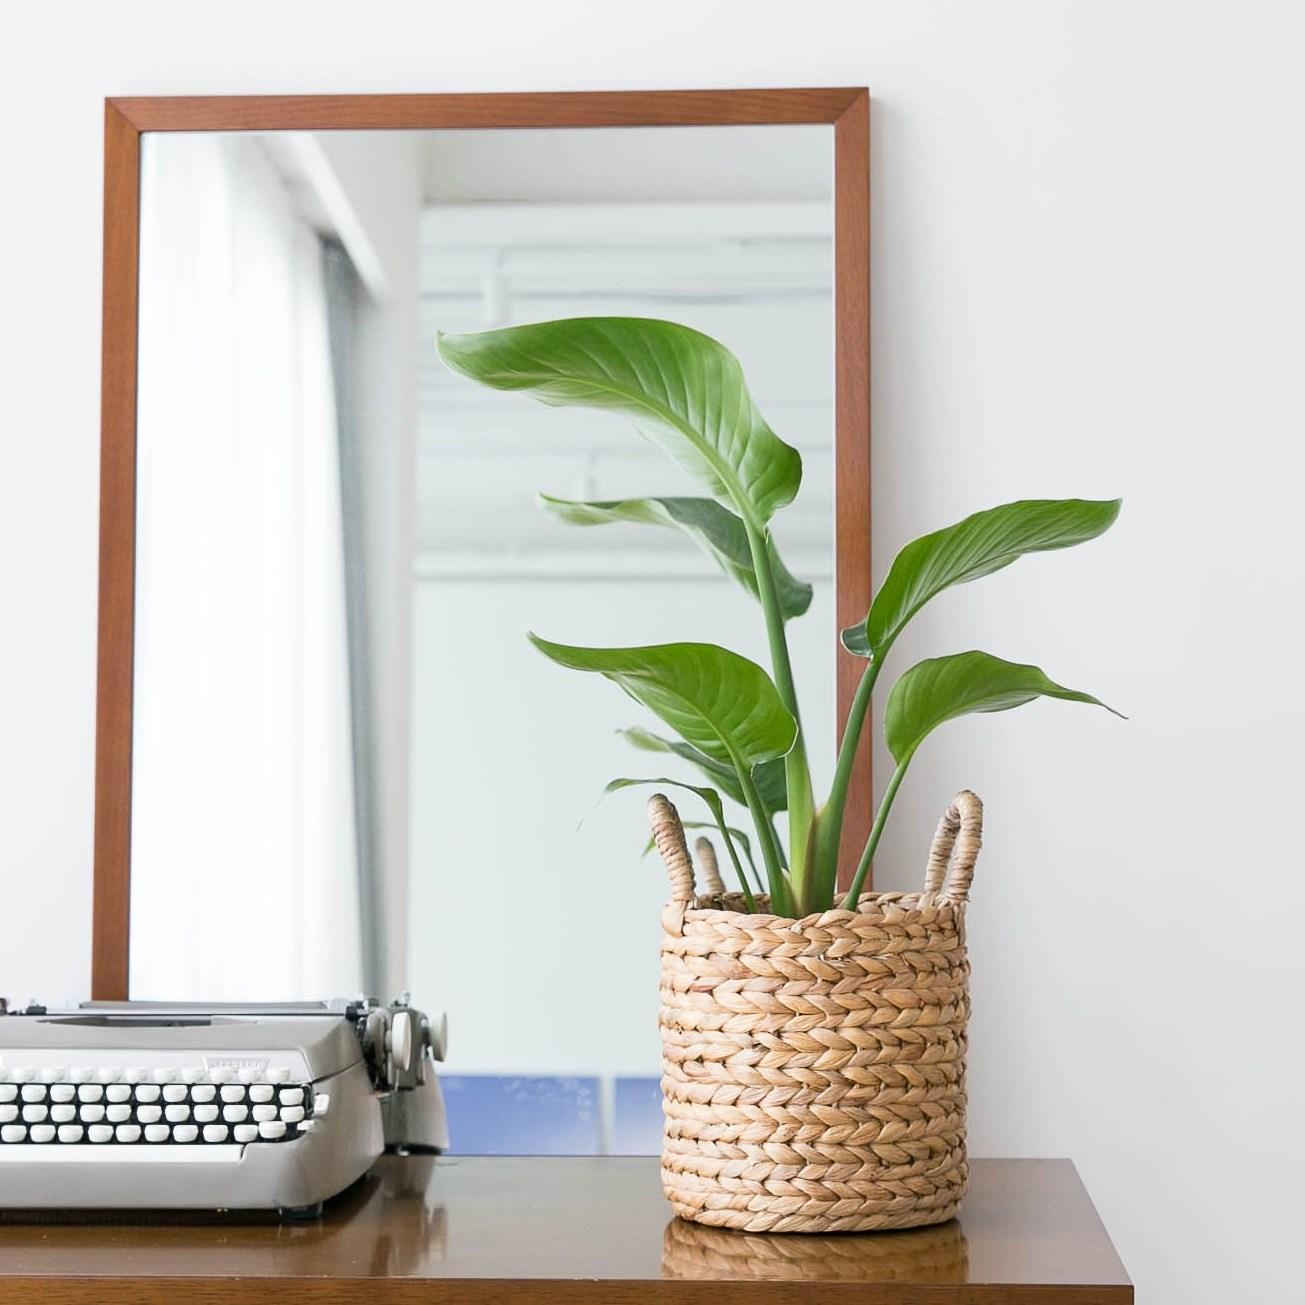 피움플랜트 극락조 외 14종 인테리어식물, 1-1 (소형)극락조 + 라탄바구니, 1set